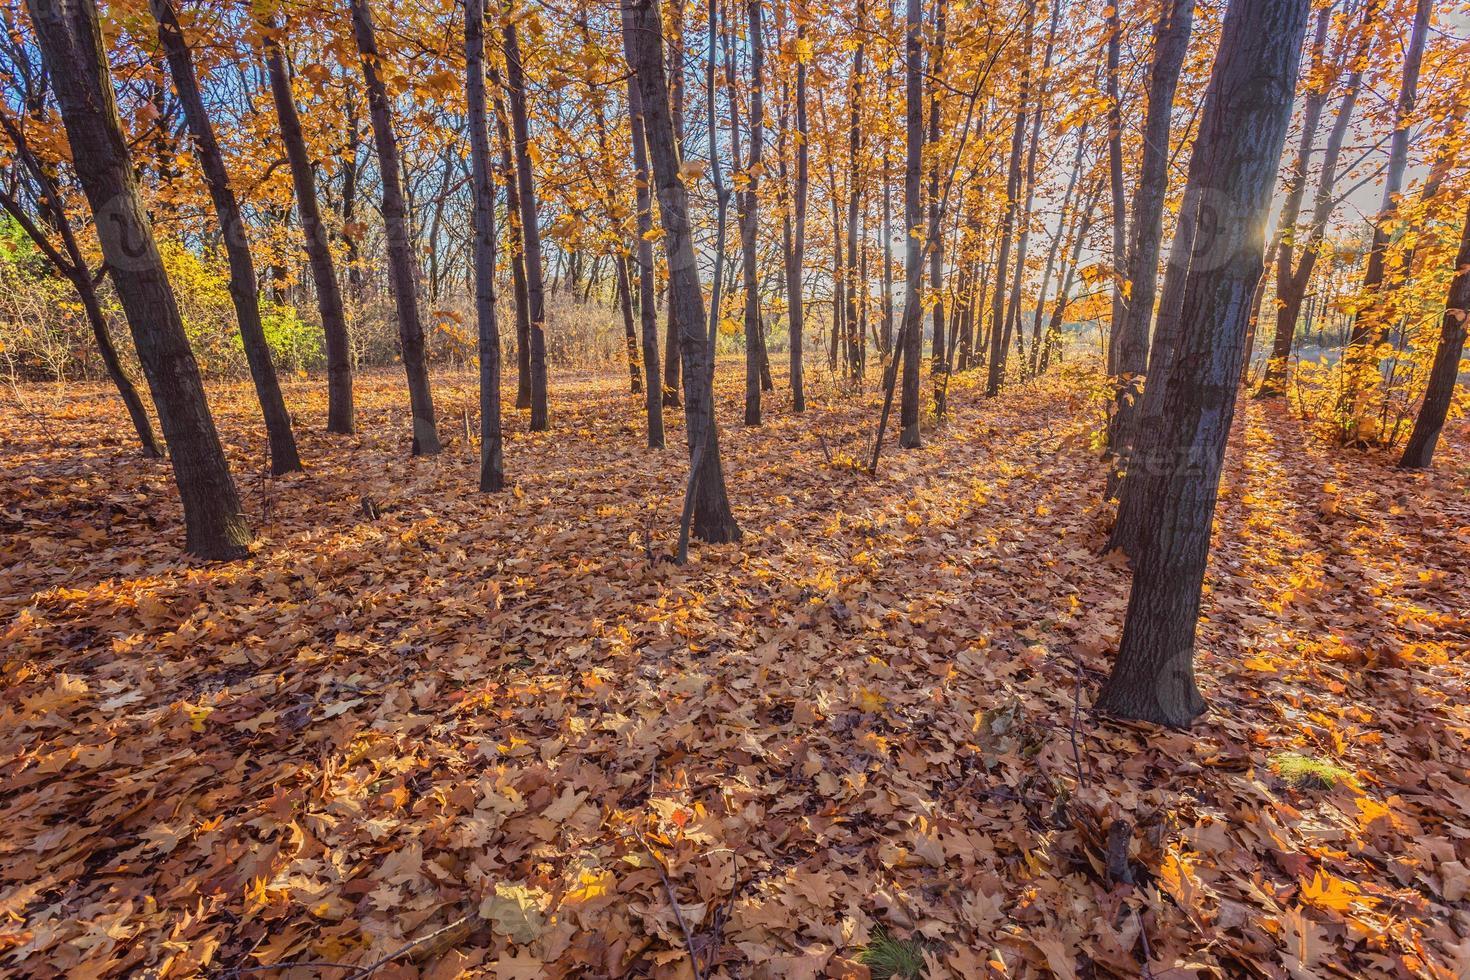 parc automnal. arbres et feuilles d'automne photo